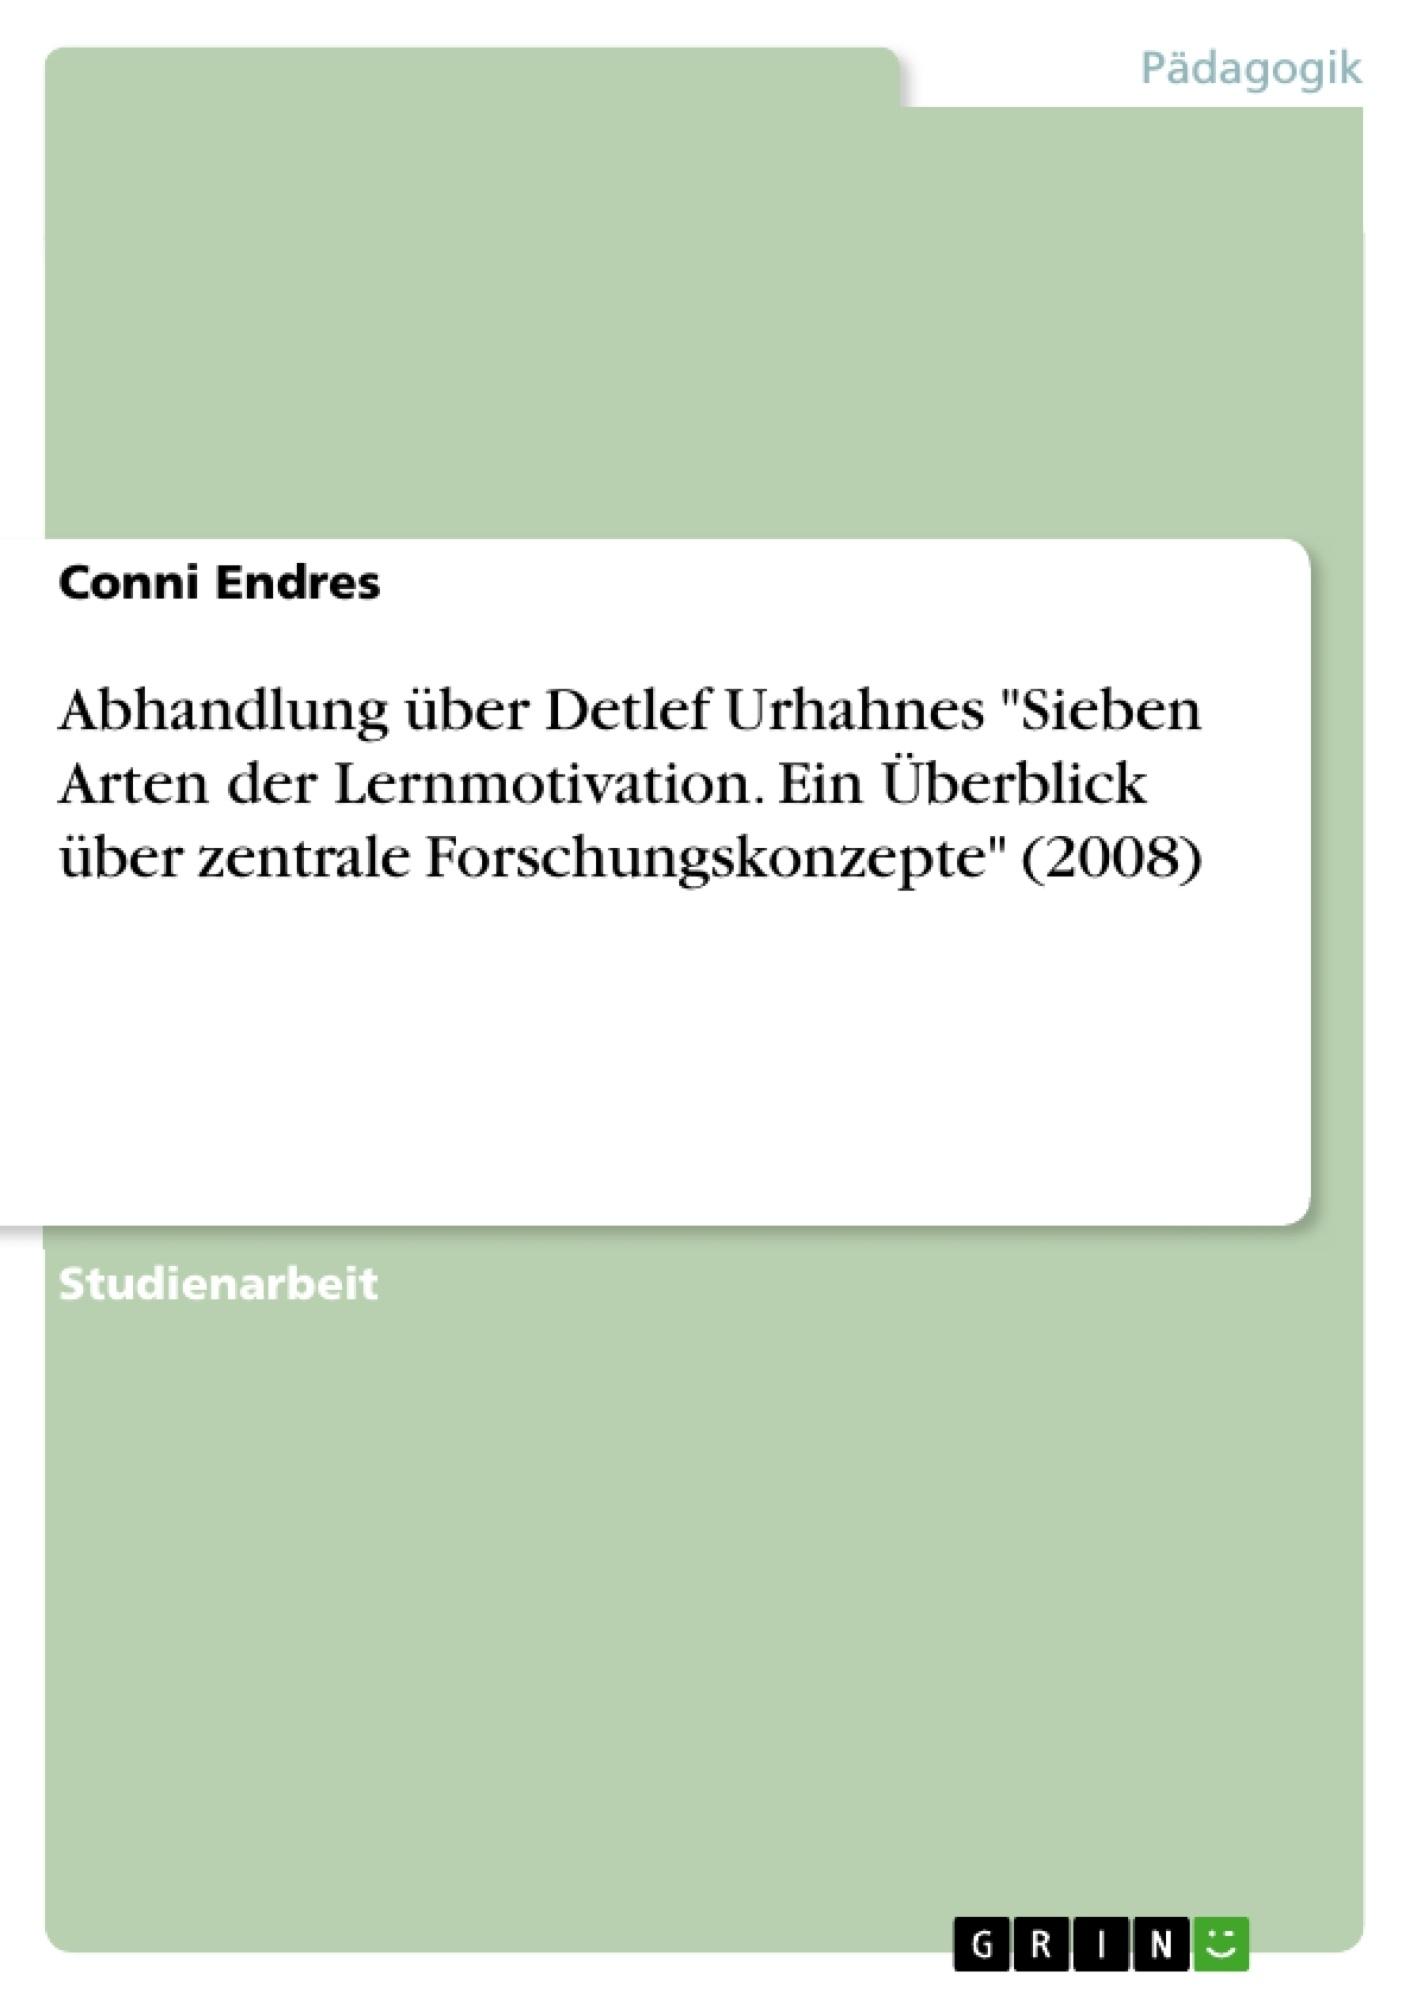 """Titel: Abhandlung über Detlef Urhahnes """"Sieben Arten der Lernmotivation. Ein Überblick über zentrale Forschungskonzepte"""" (2008)"""